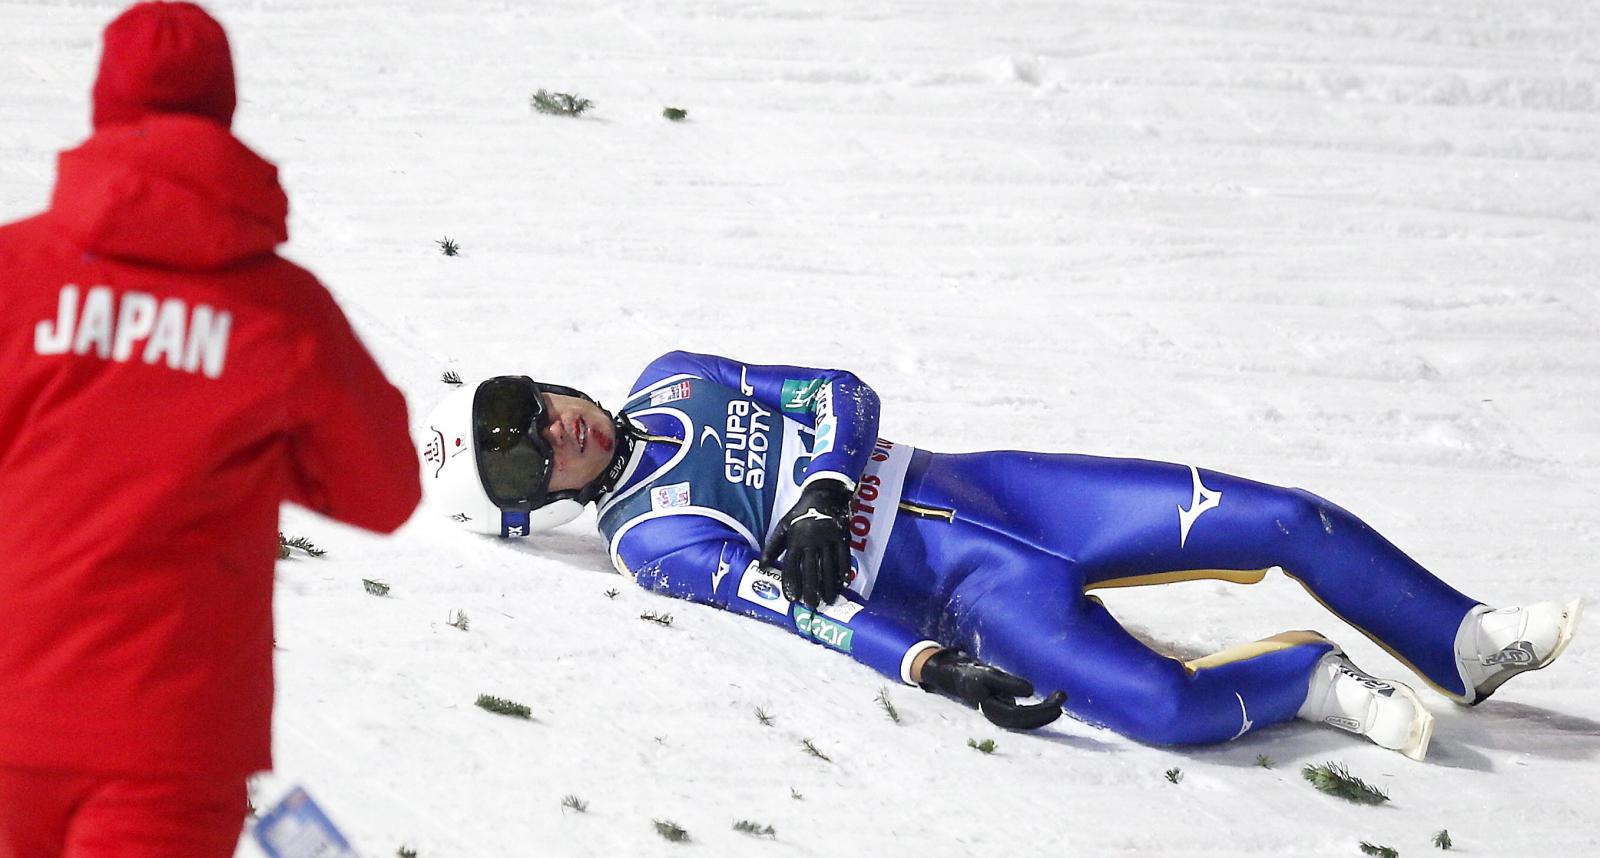 Upadek Japończyka Daiki Ito w serii finałowej konkursu indywidualnego Pucharu Świata w skokach narciarskich na skoczni im. Adama Małysza w Wiśle.